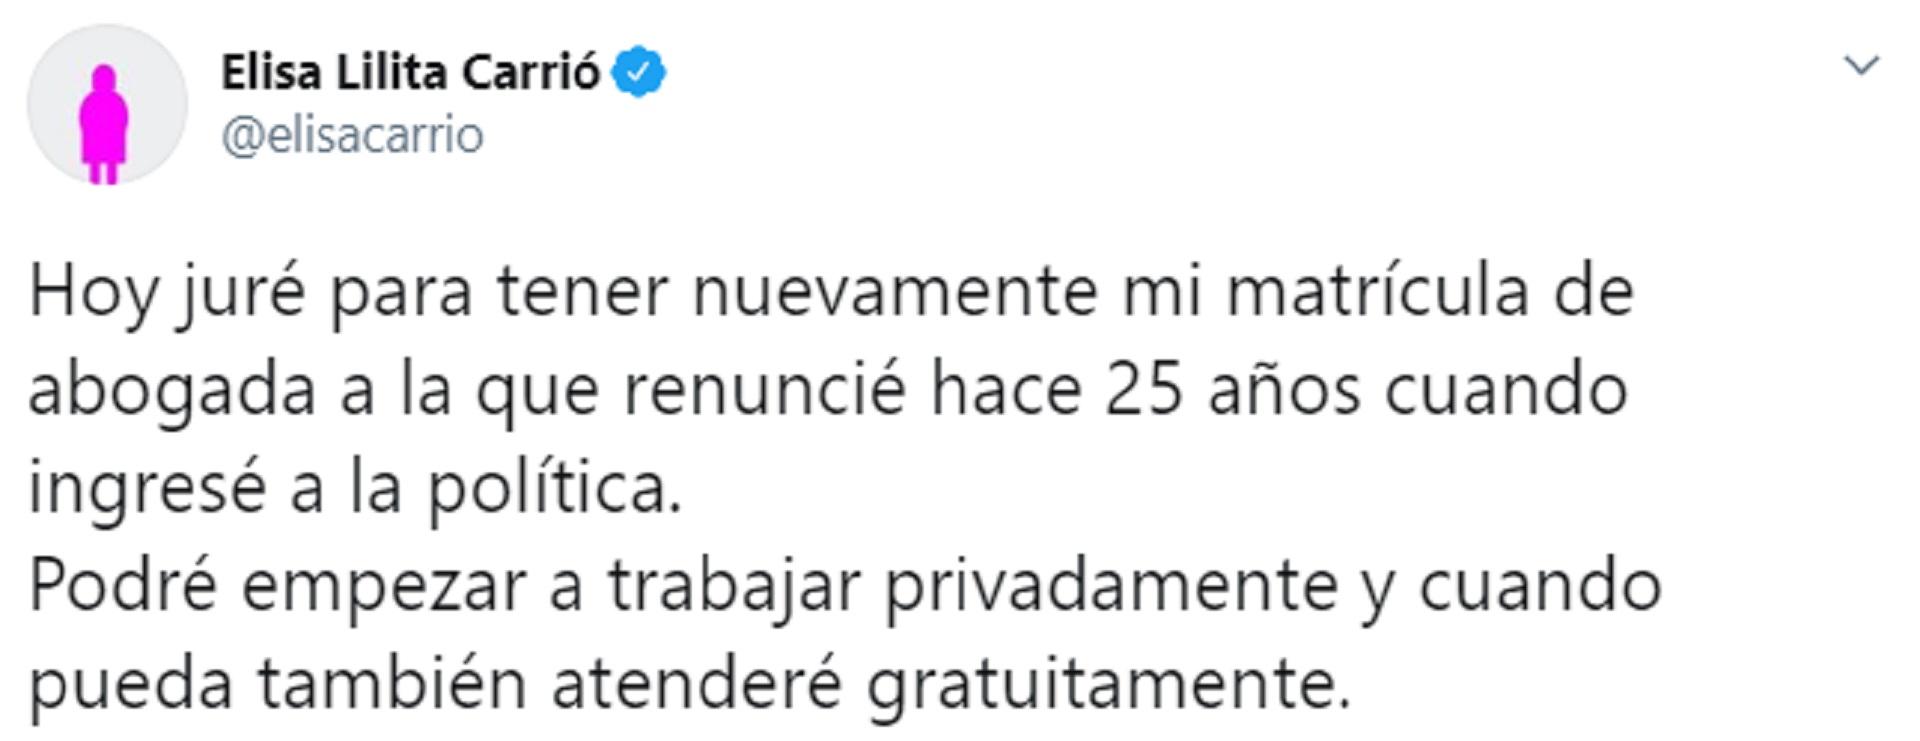 Elisa Carrió recuperó su matrícula de abogada tras 25 años sin ejercer la profesión.